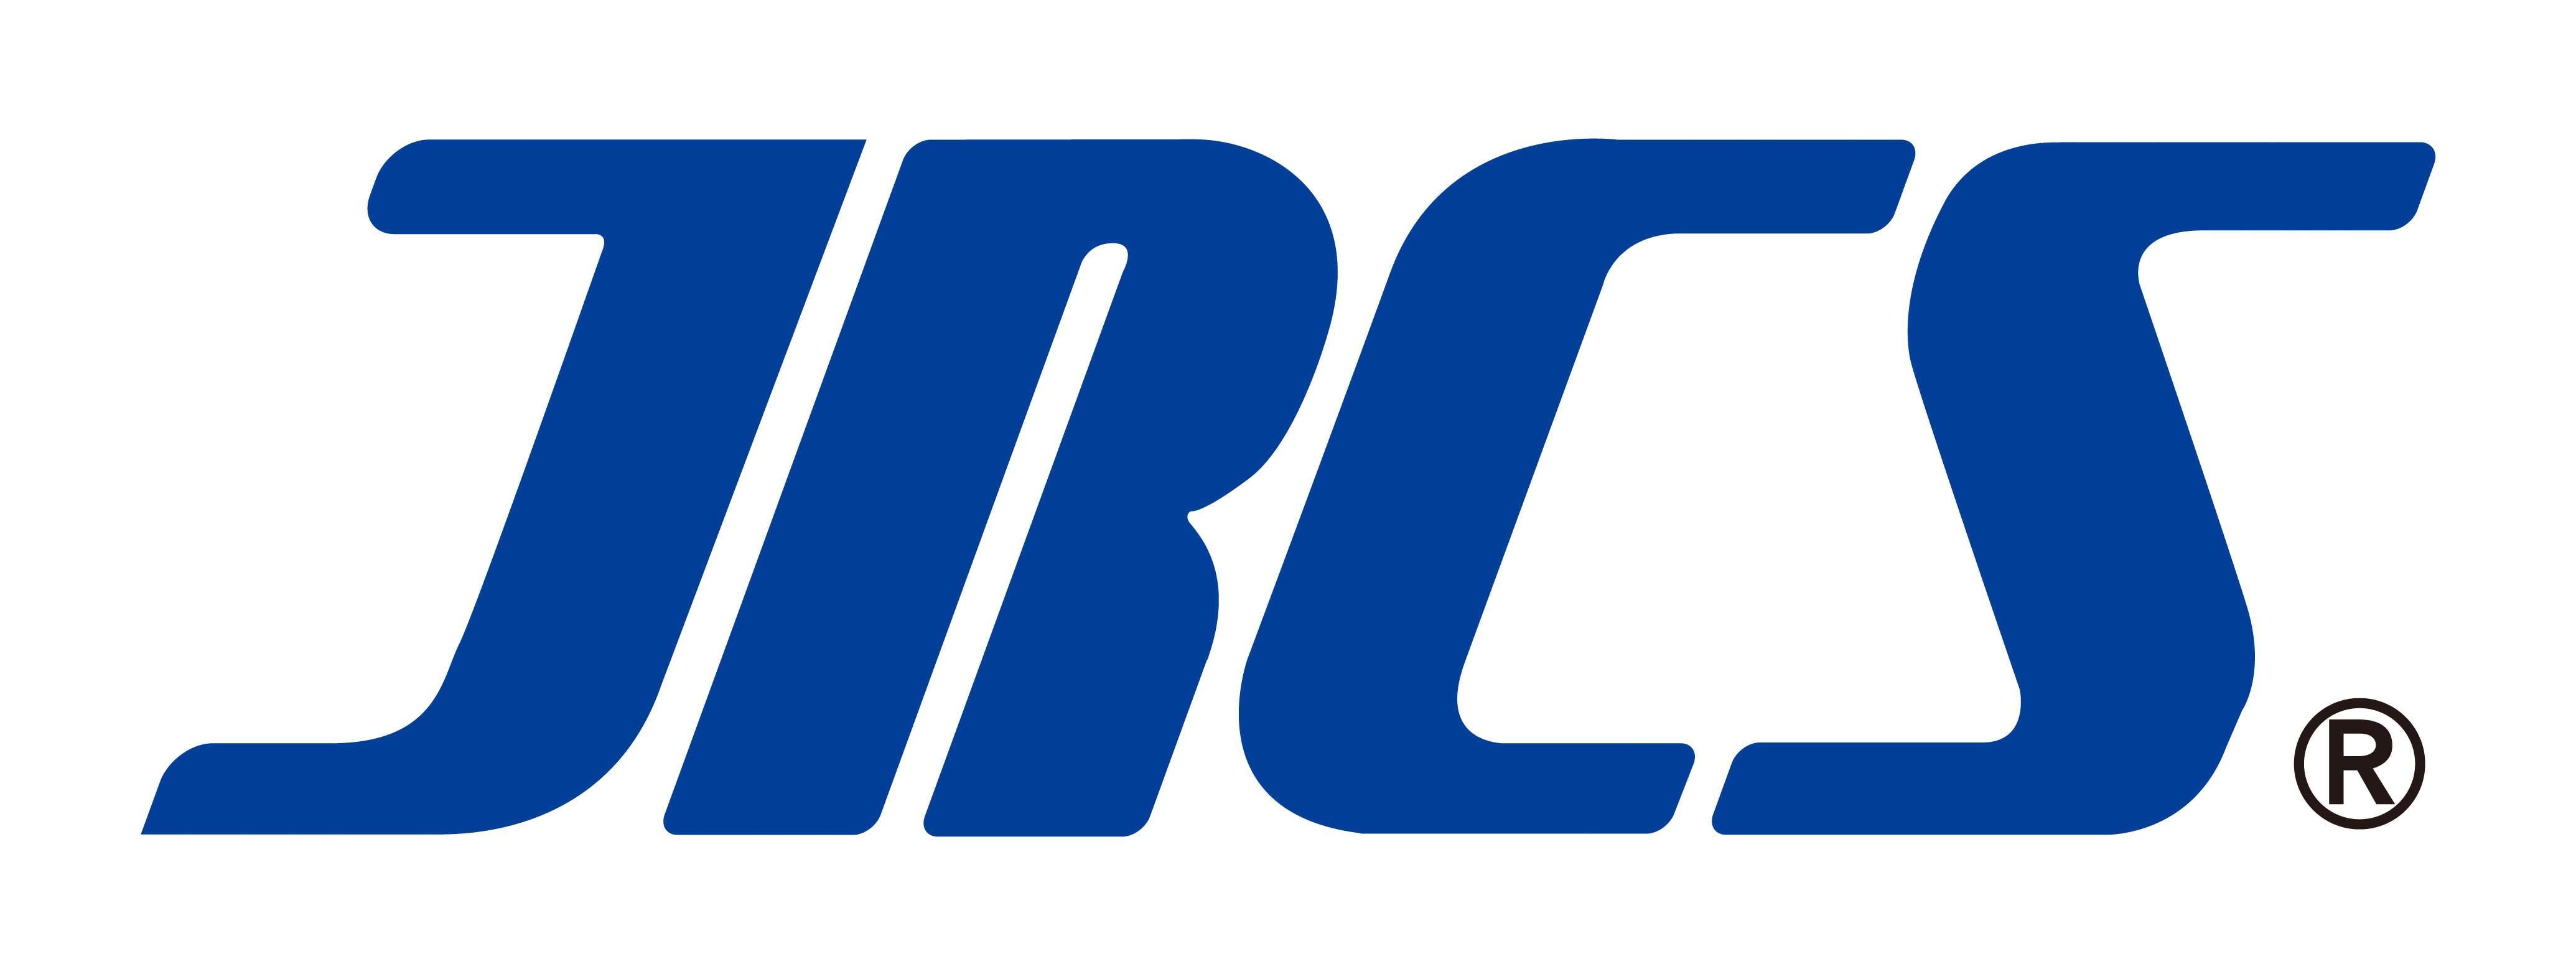 2020年度スクールパートナーに関して『JRCS株式会社』